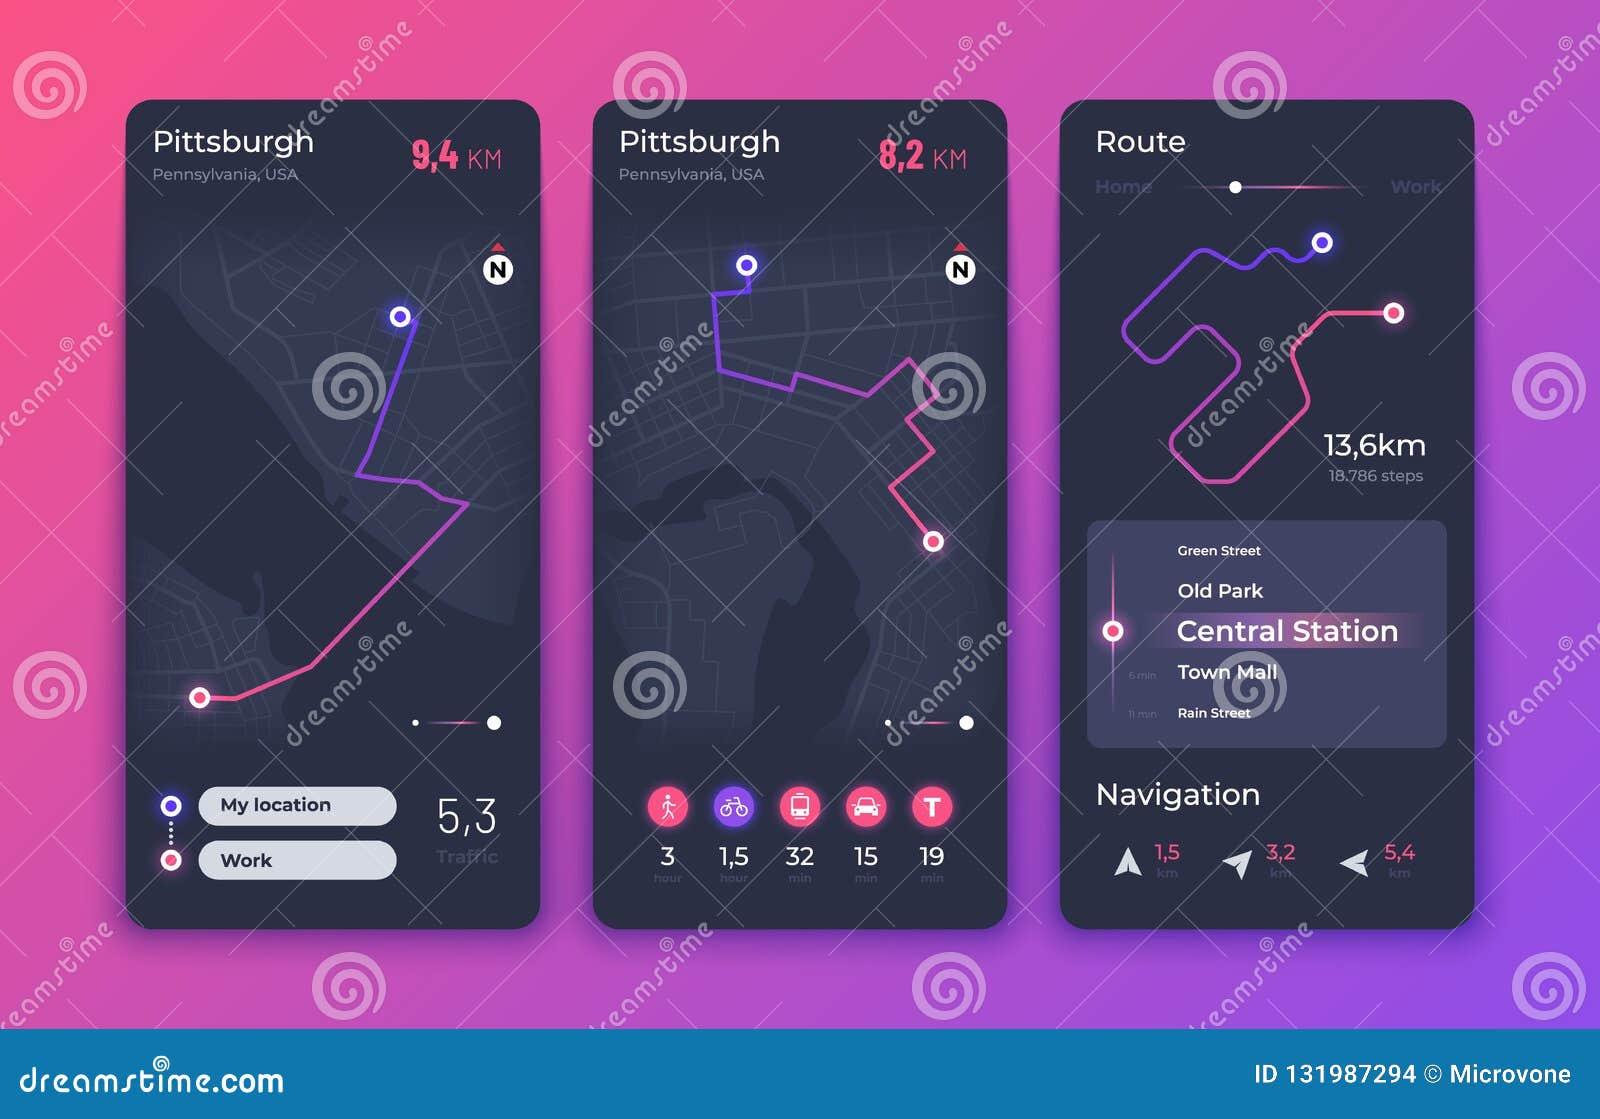 Nawigacji mapy wiszącej ozdoby app Taxi gps tropiciela smartphone interfejs Online drogowy tropi podaniowy wektorowy projekt